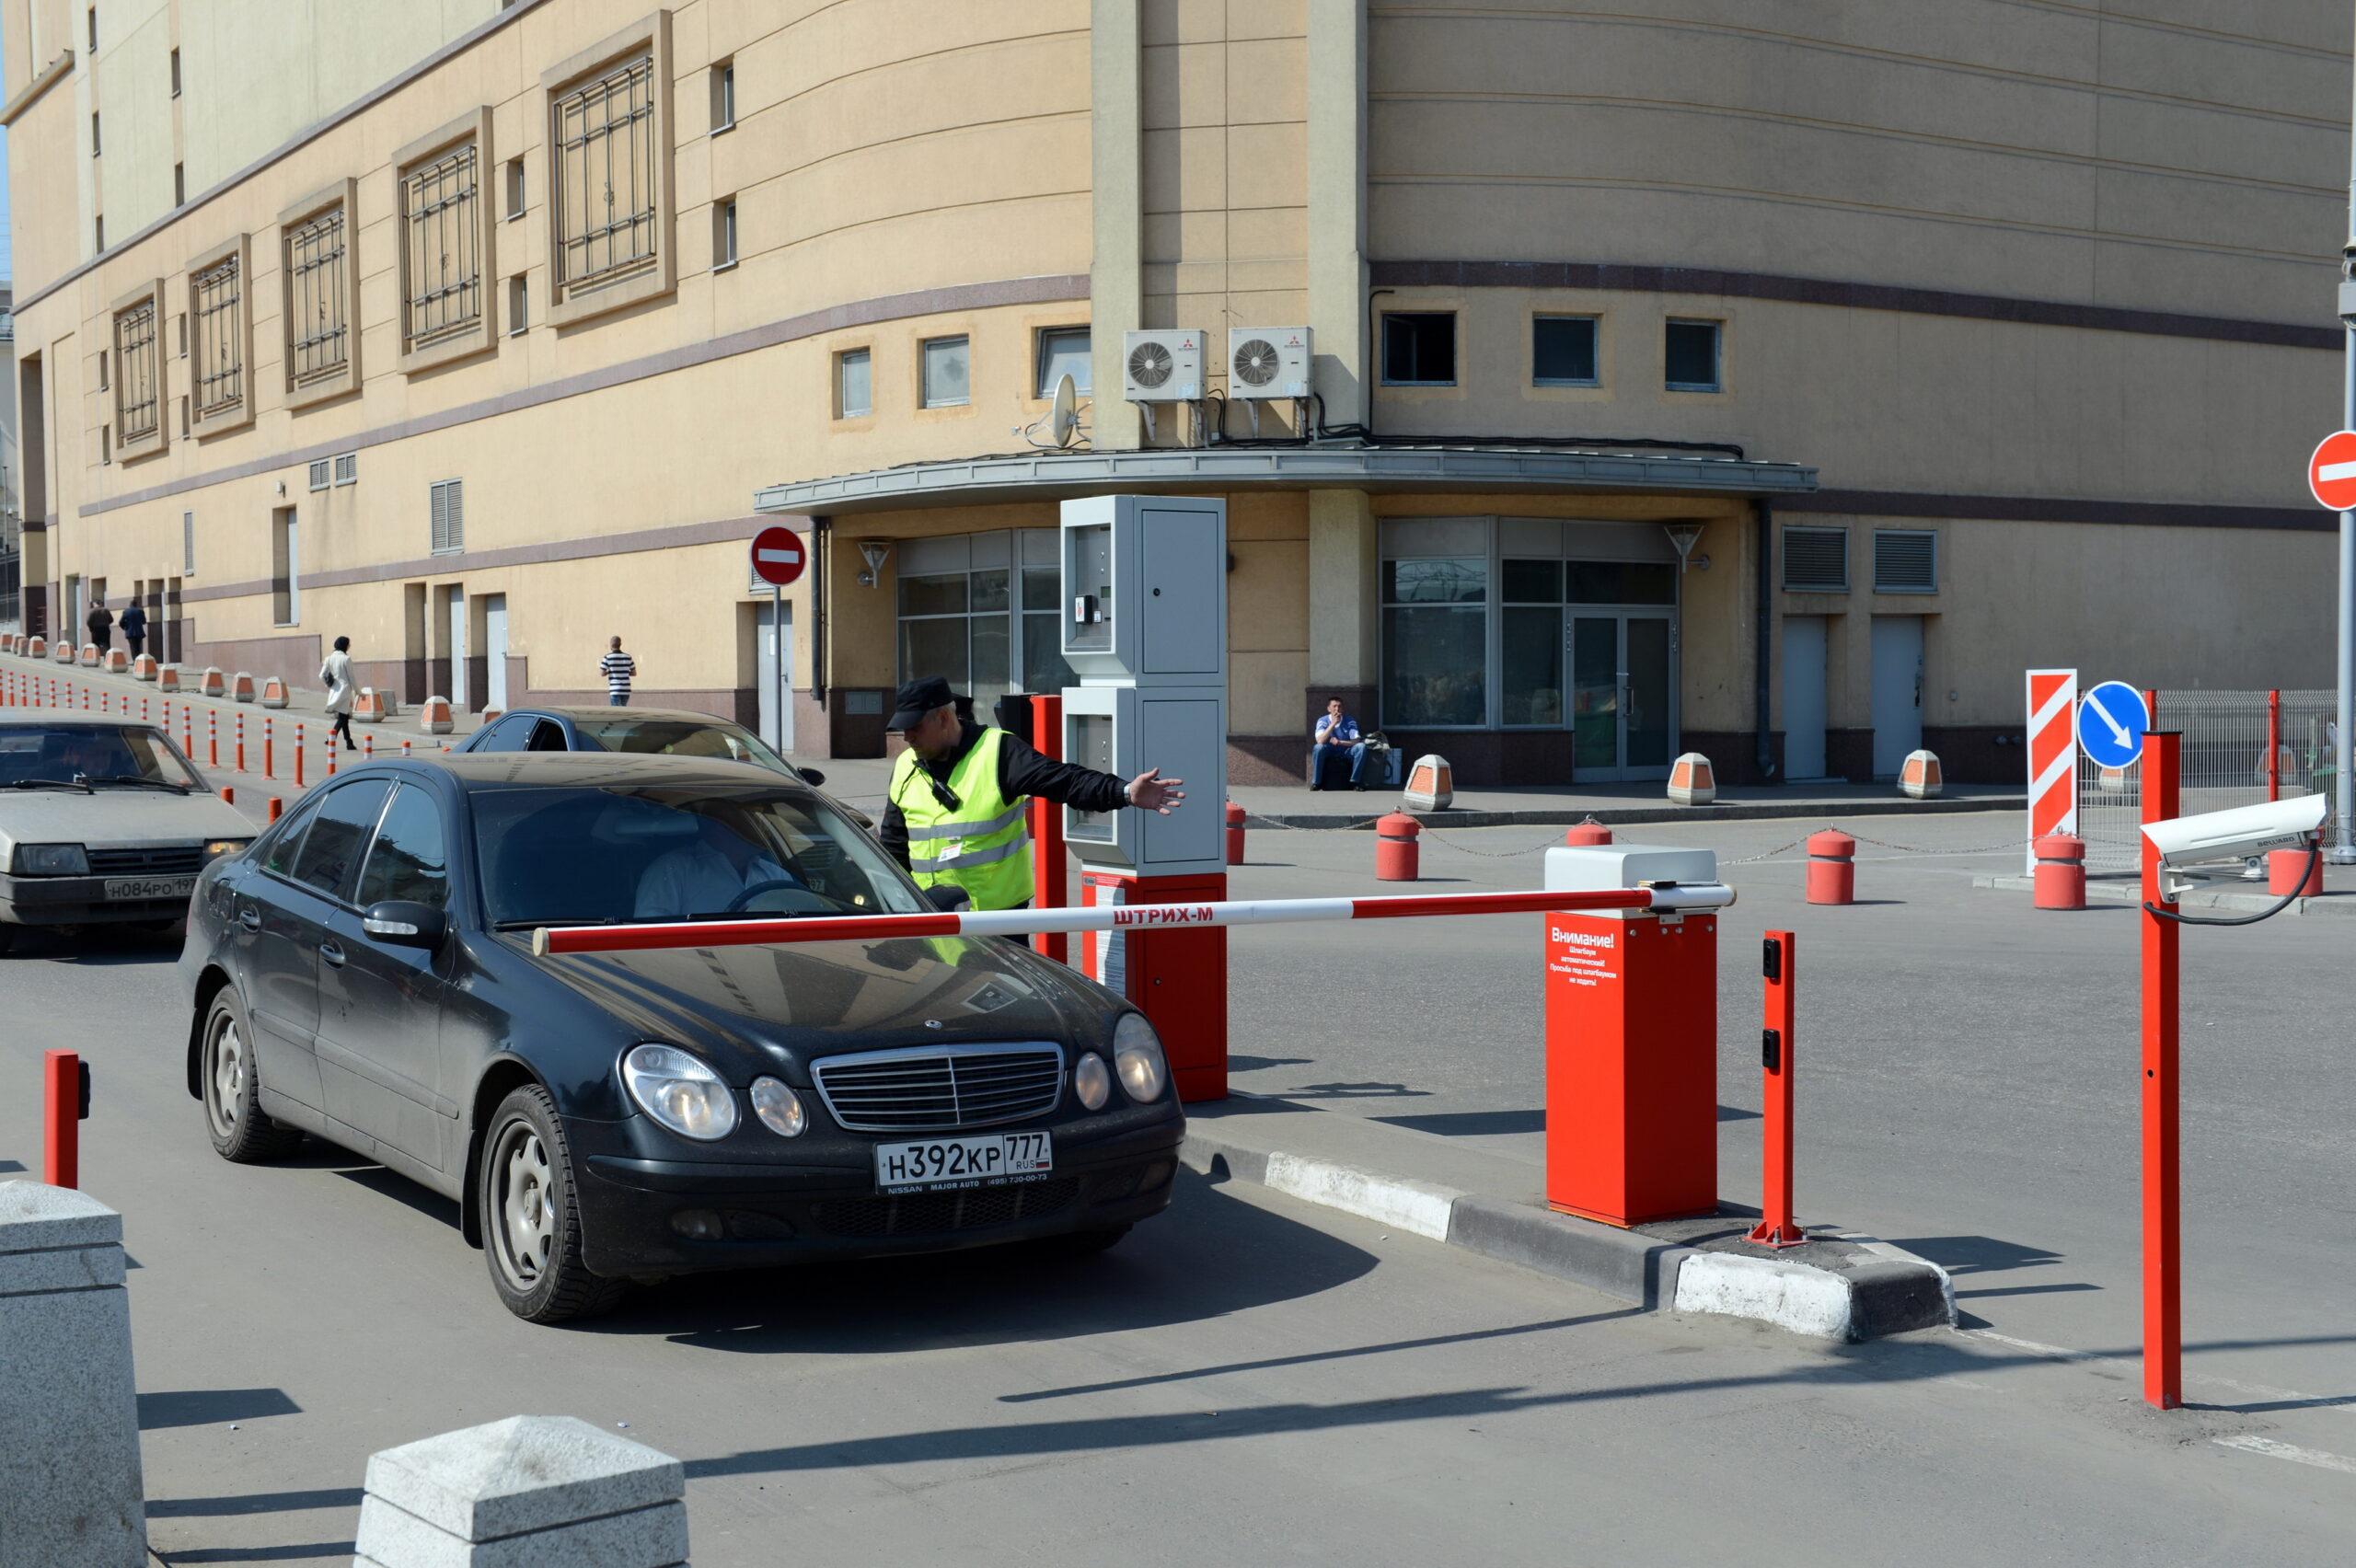 Parkplatzbewachung essen - Sicherheitsdienst, Security